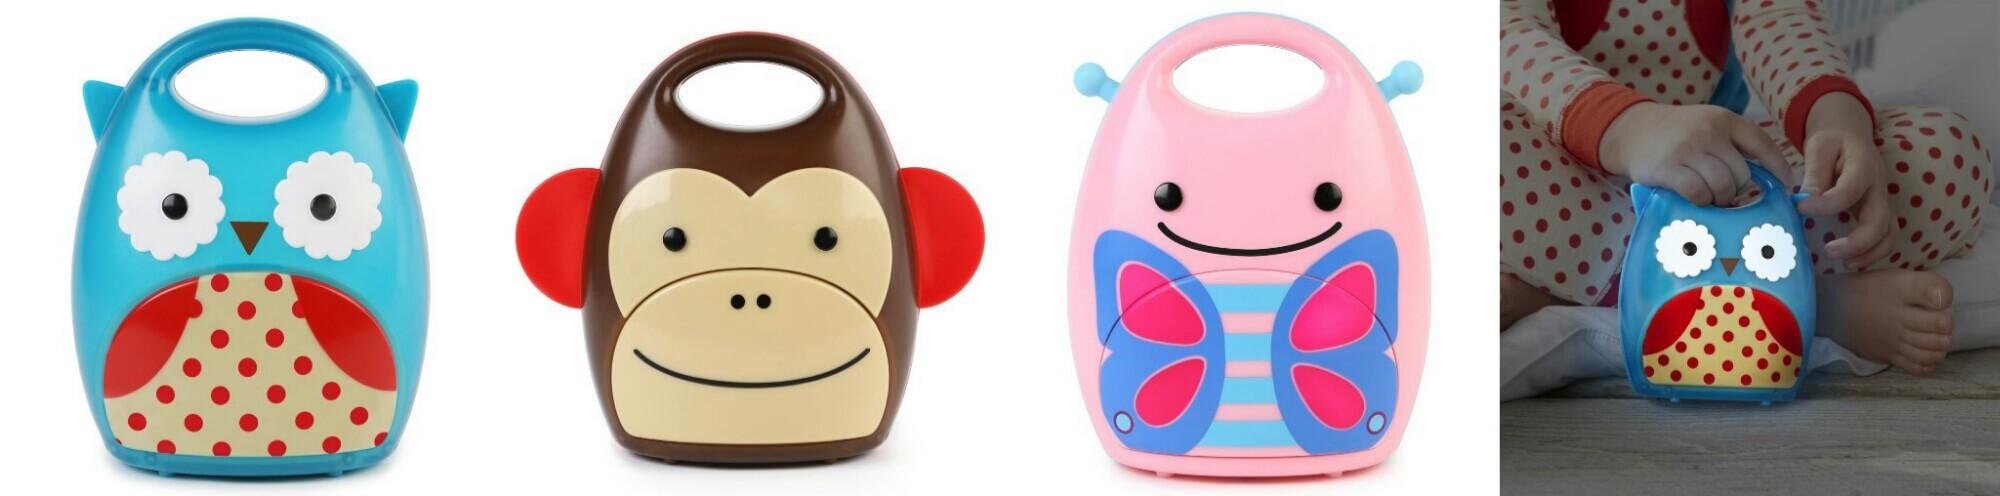 De leukste nachtlampjes voor de kinderkamer en babykamer